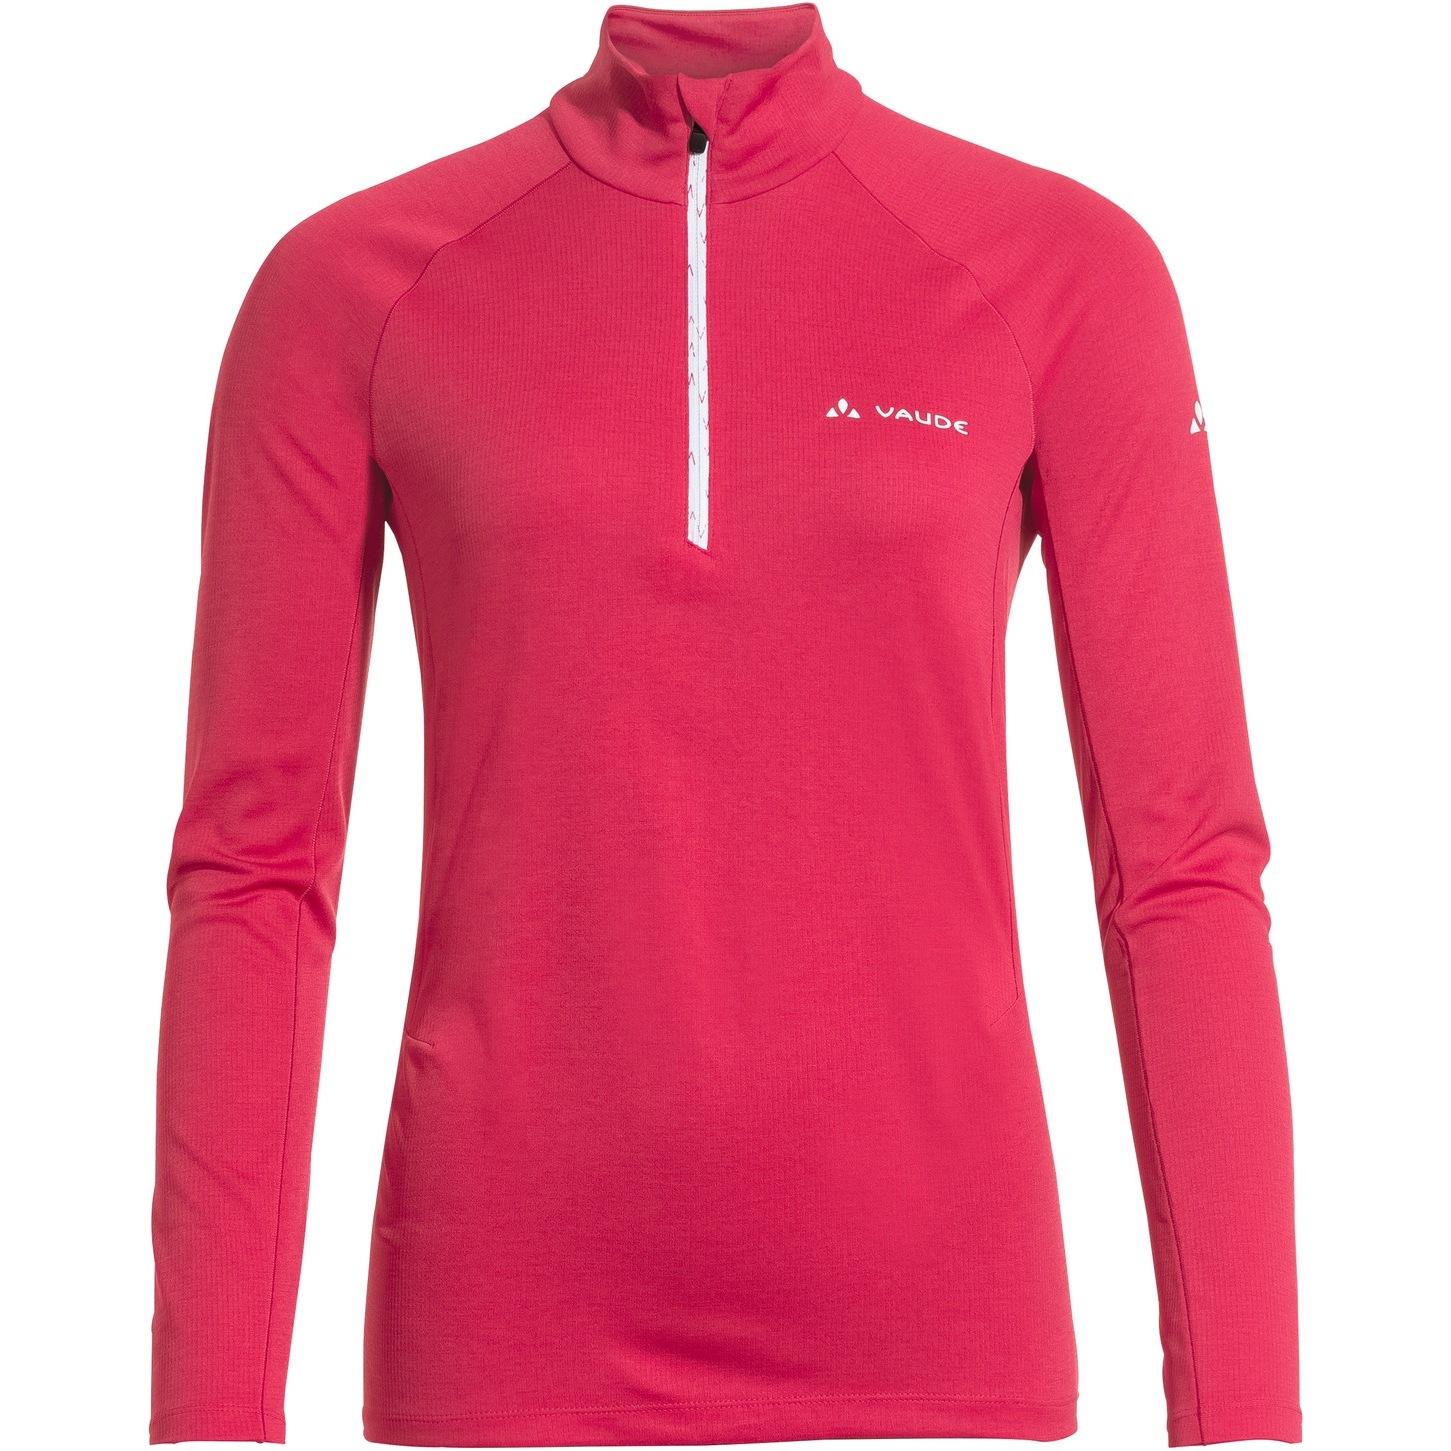 Vaude Women's Larice Light Shirt II - crimson red